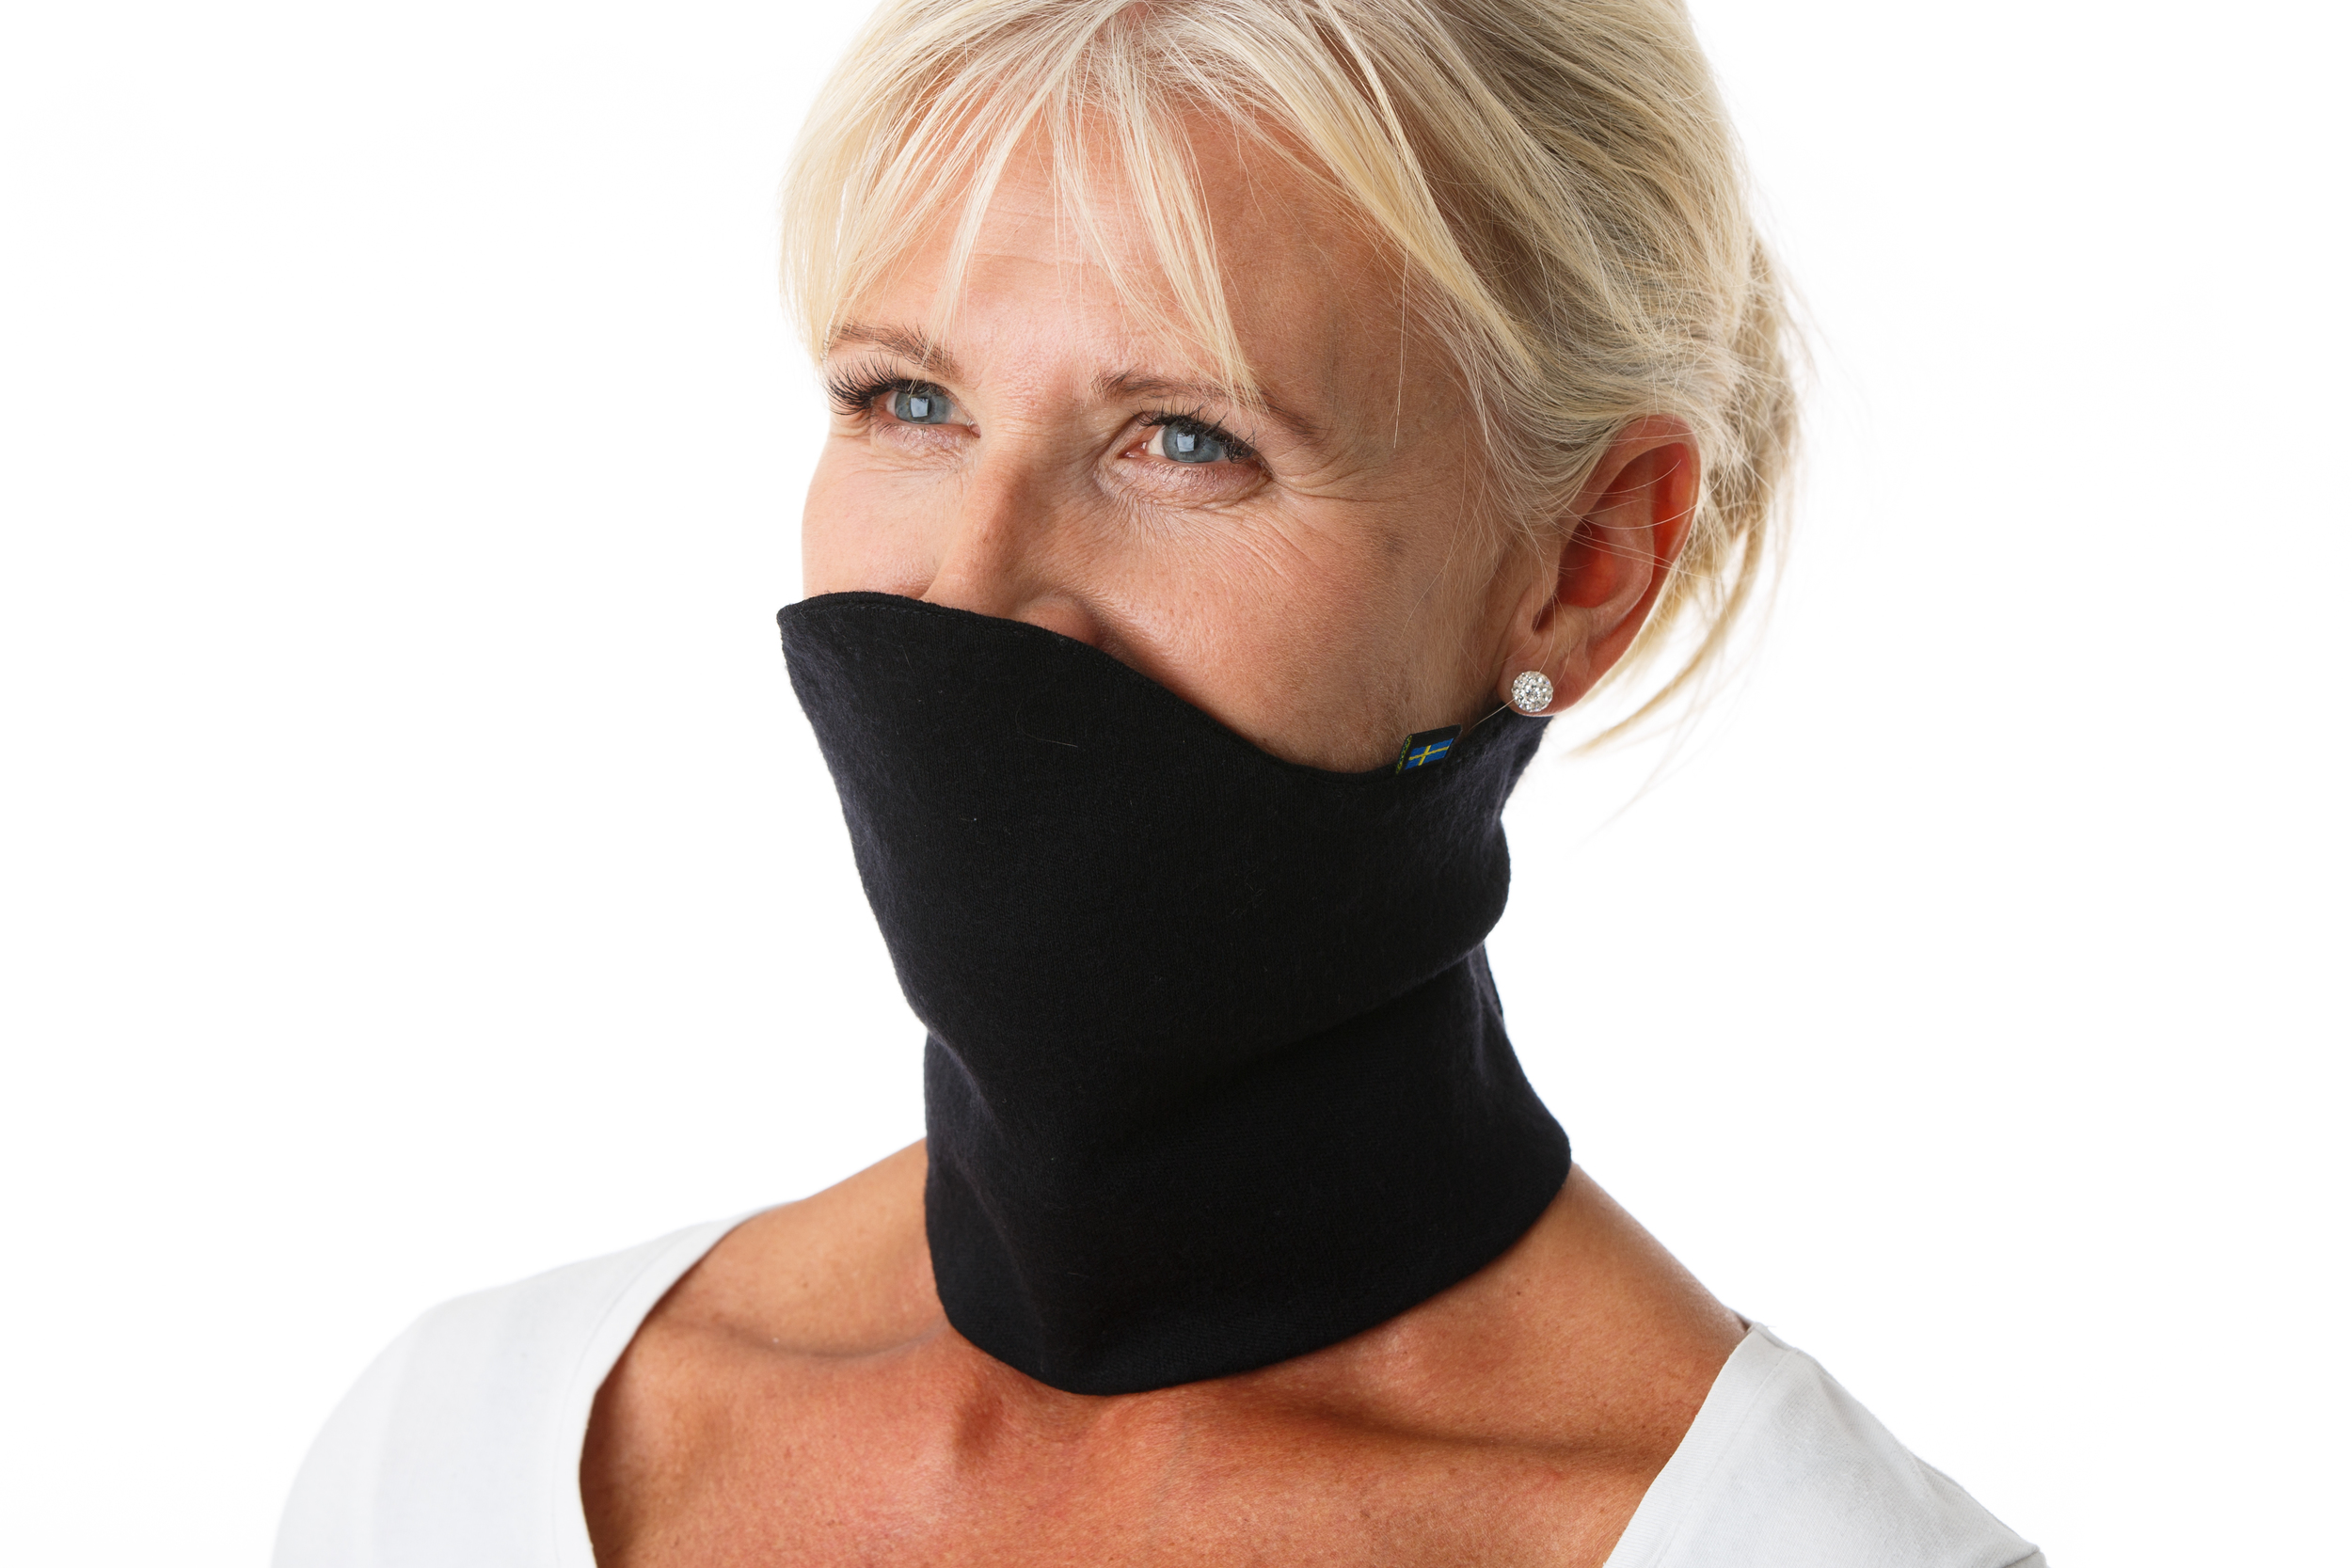 GIRAF EXTREME    Tänk dig att du har en polotröja utan tröja i fickan. En skön krage i merinoull som du med ett enkelt handgrepp tar av och på med hjälp av en justerbar kardborreknäppning. Giraf Extreme - helt enkelt!  Kragens överdel kan fällas upp som ett värmande skydd för nacke, ansikte och haka. Vänd på den och kragen skyddar nacke och bakhuvud. Perfekt på skidturen eller fysträning utomhus. Klicka för att läsa mer.